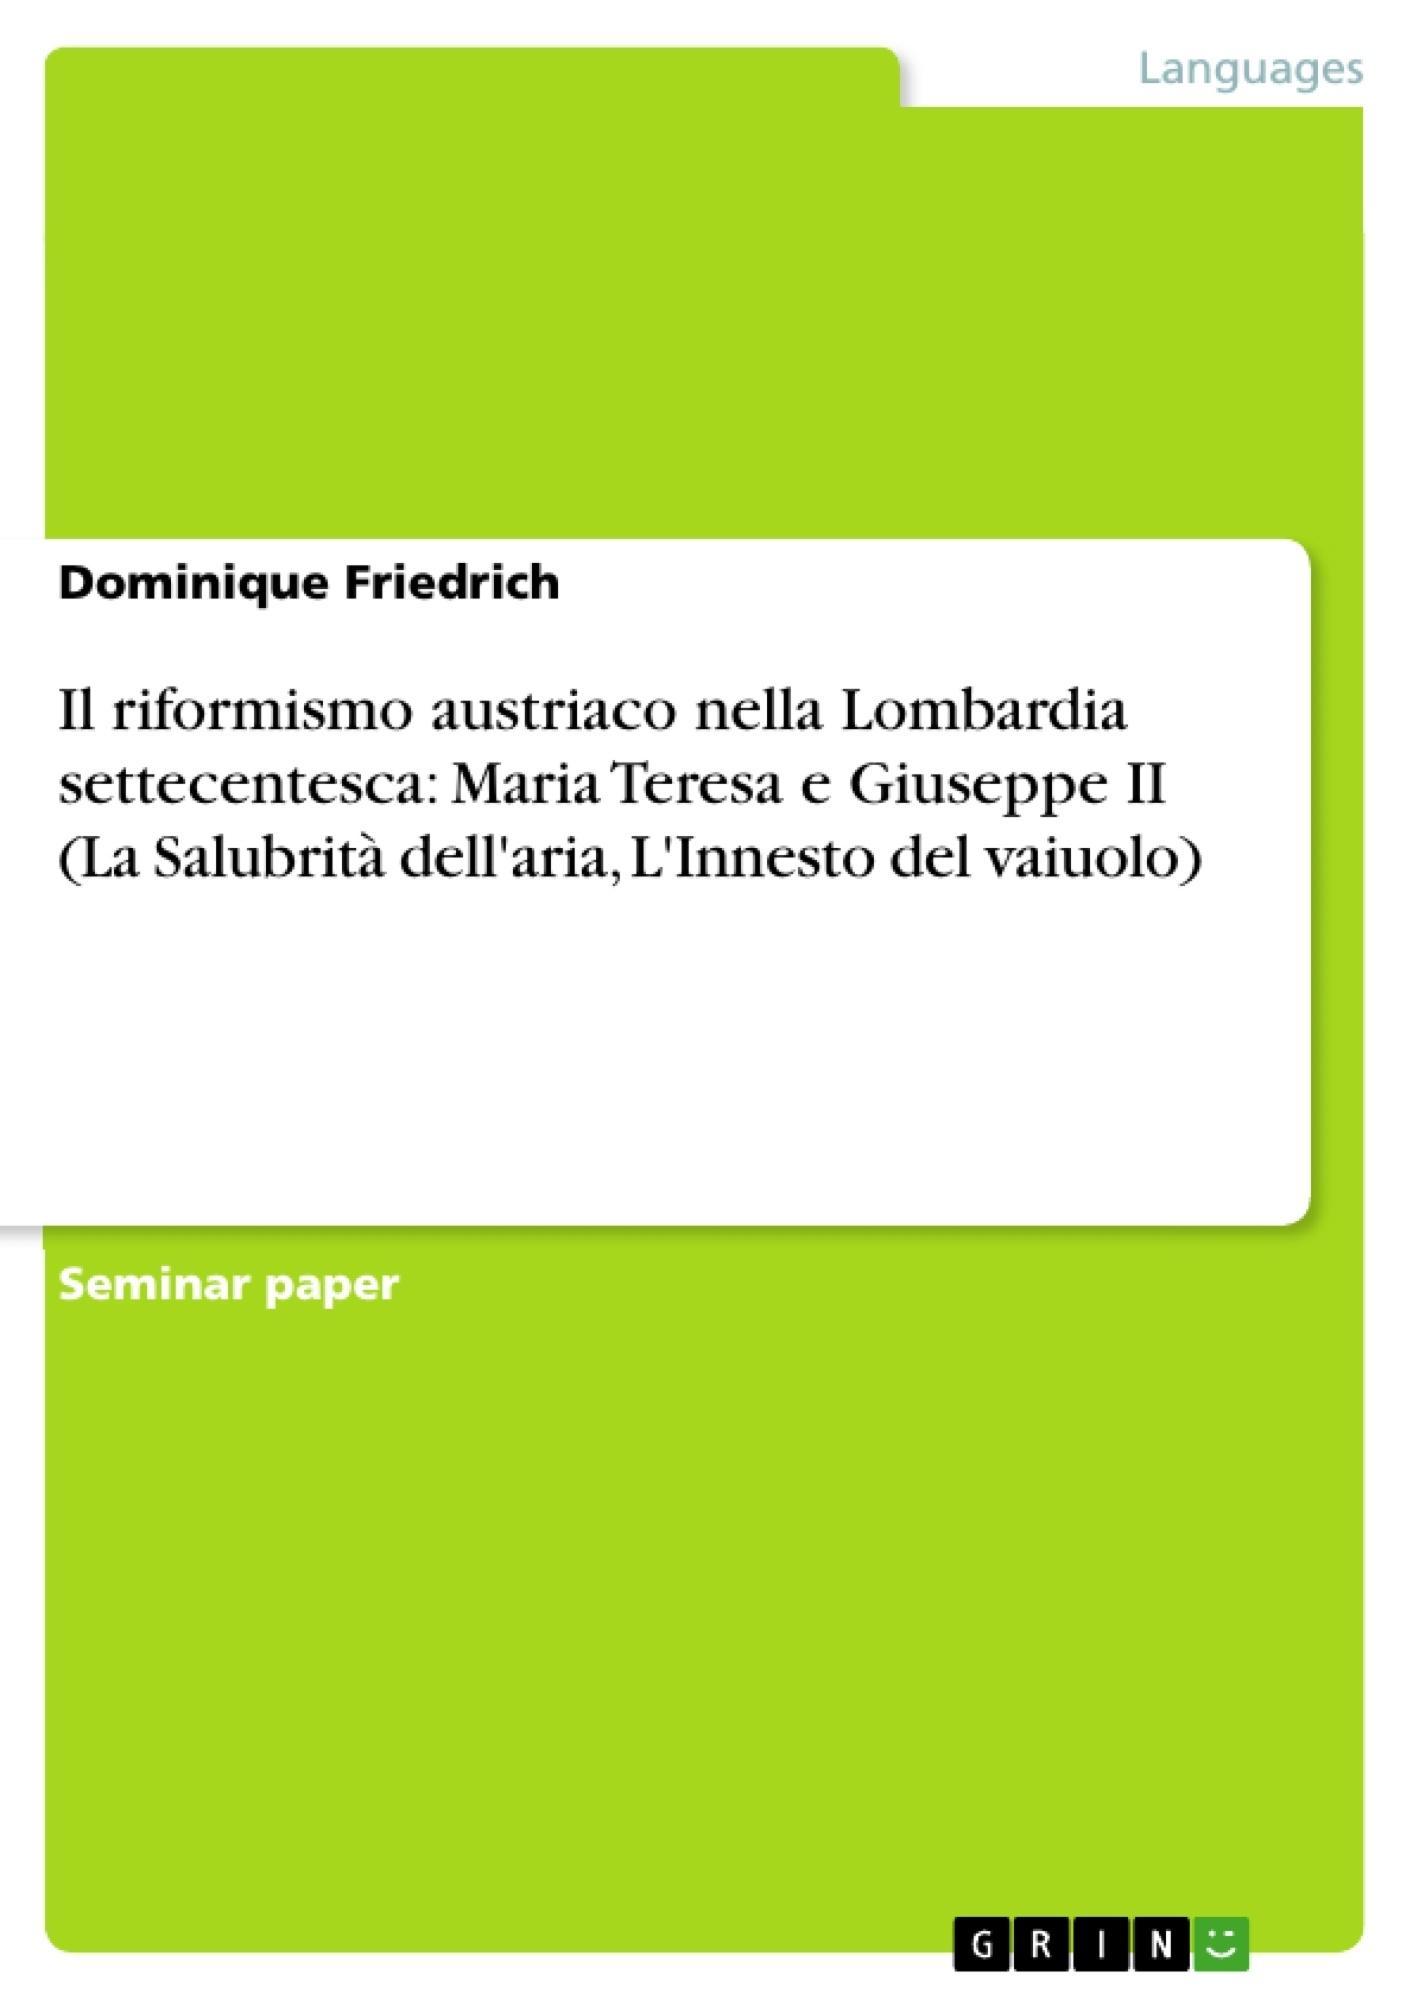 Title: Il riformismo austriaco nella Lombardia settecentesca: Maria Teresa e Giuseppe II (La Salubrità dell'aria, L'Innesto del vaiuolo)